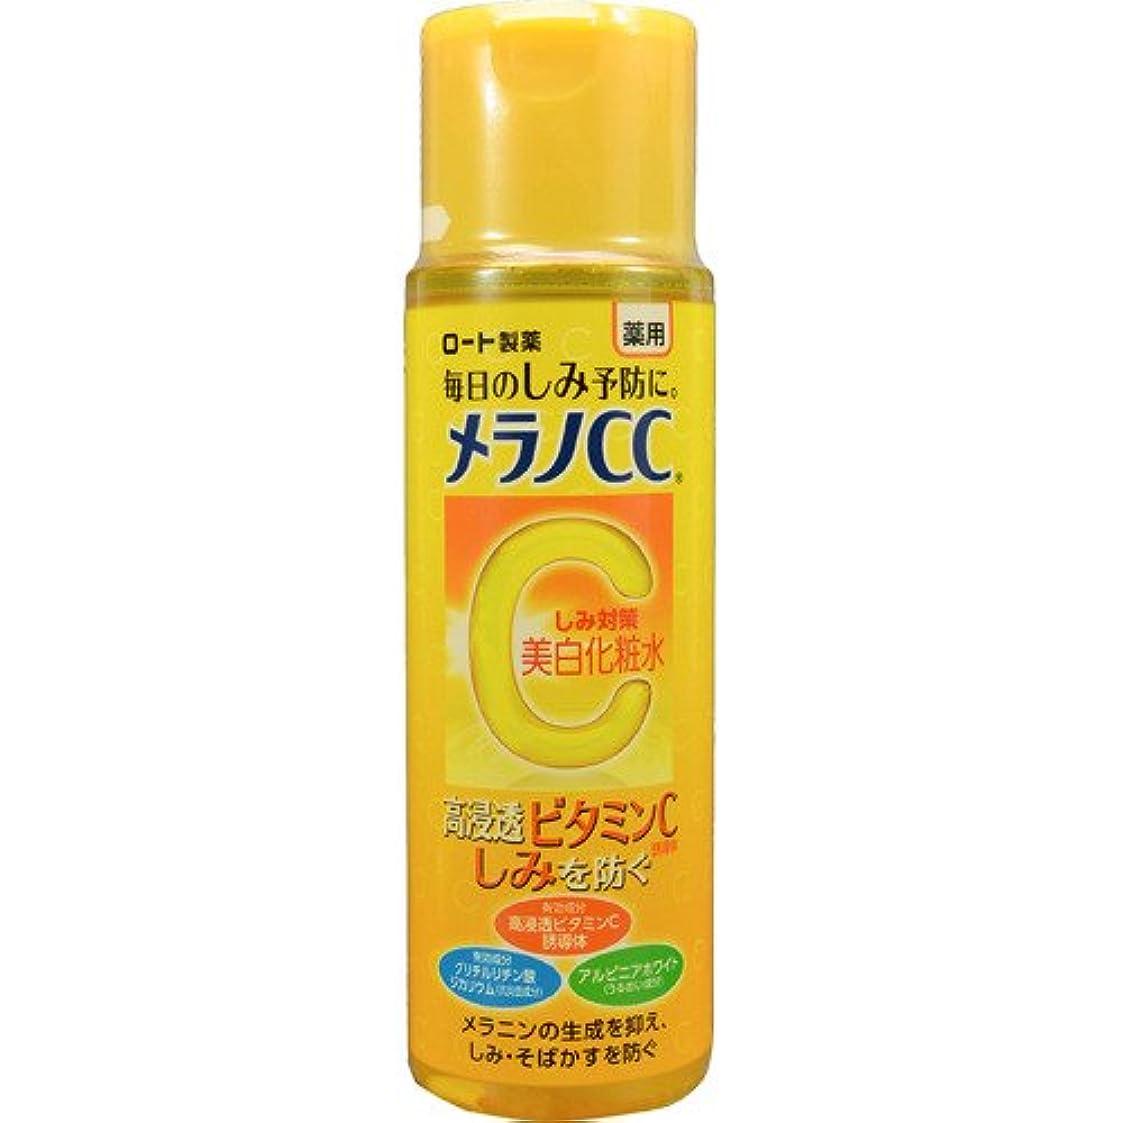 換気数学的なアミューズメラノCC 薬用しみ対策美白化粧水 × 3個セット